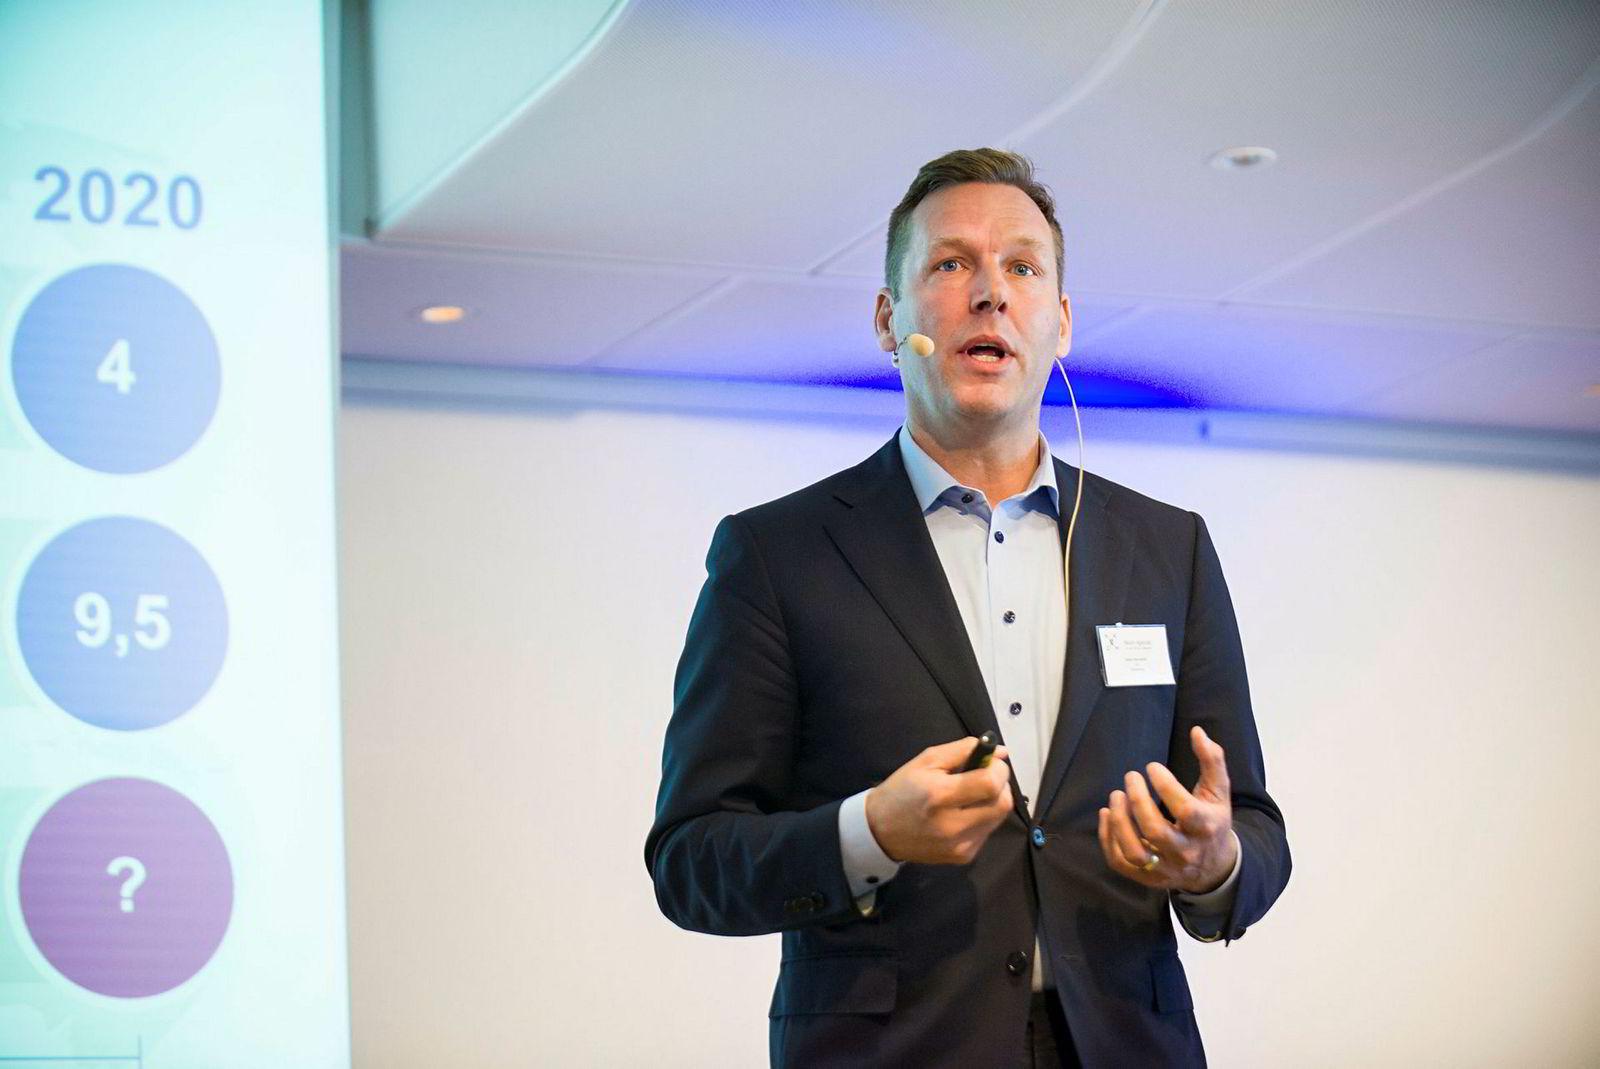 Konsernsjef Johan Dennelind i Telia tjente i fjor langt mer enn Telenors toppmann, Sigve Brekke.